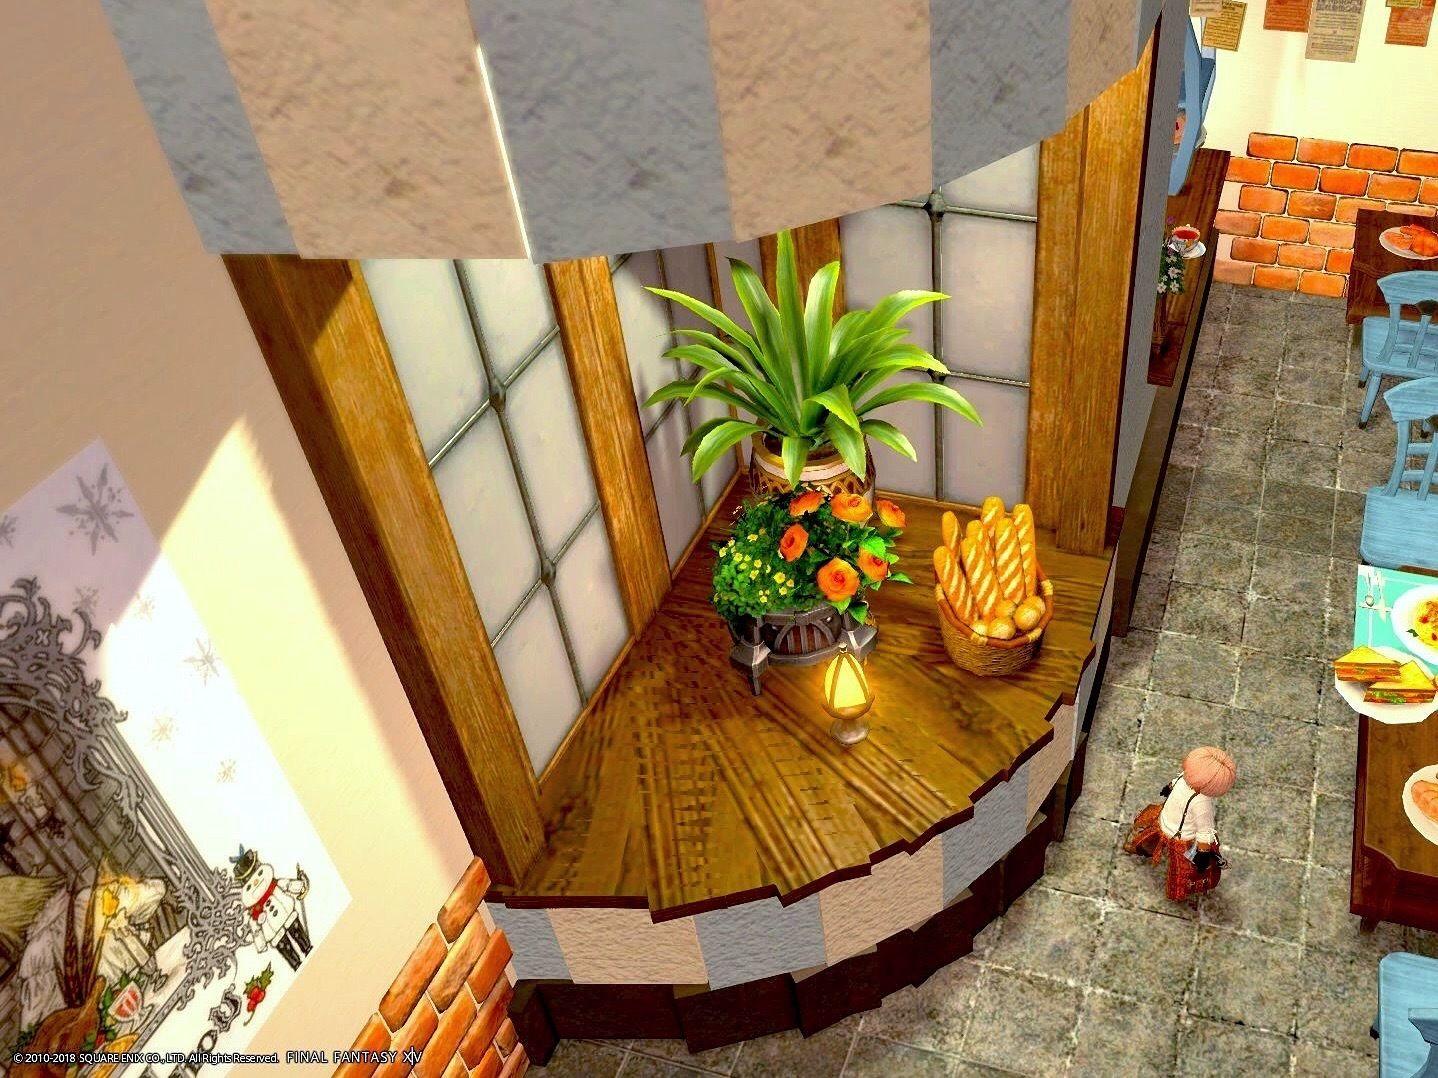 ショーウィンドウのあるカフェテラス 画像あり テラス カフェ